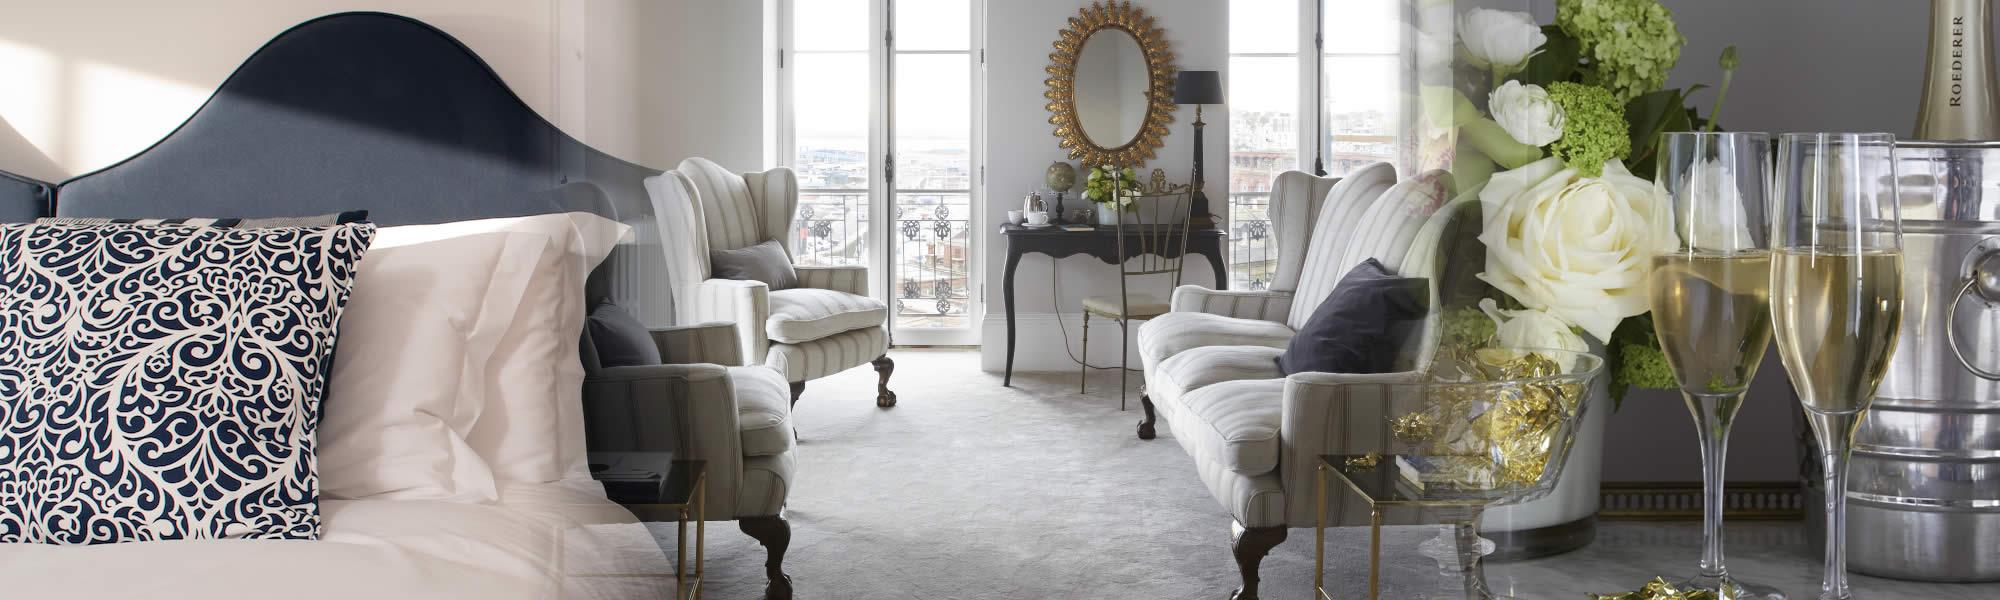 Luxury Hotels - Visit Ramsgate